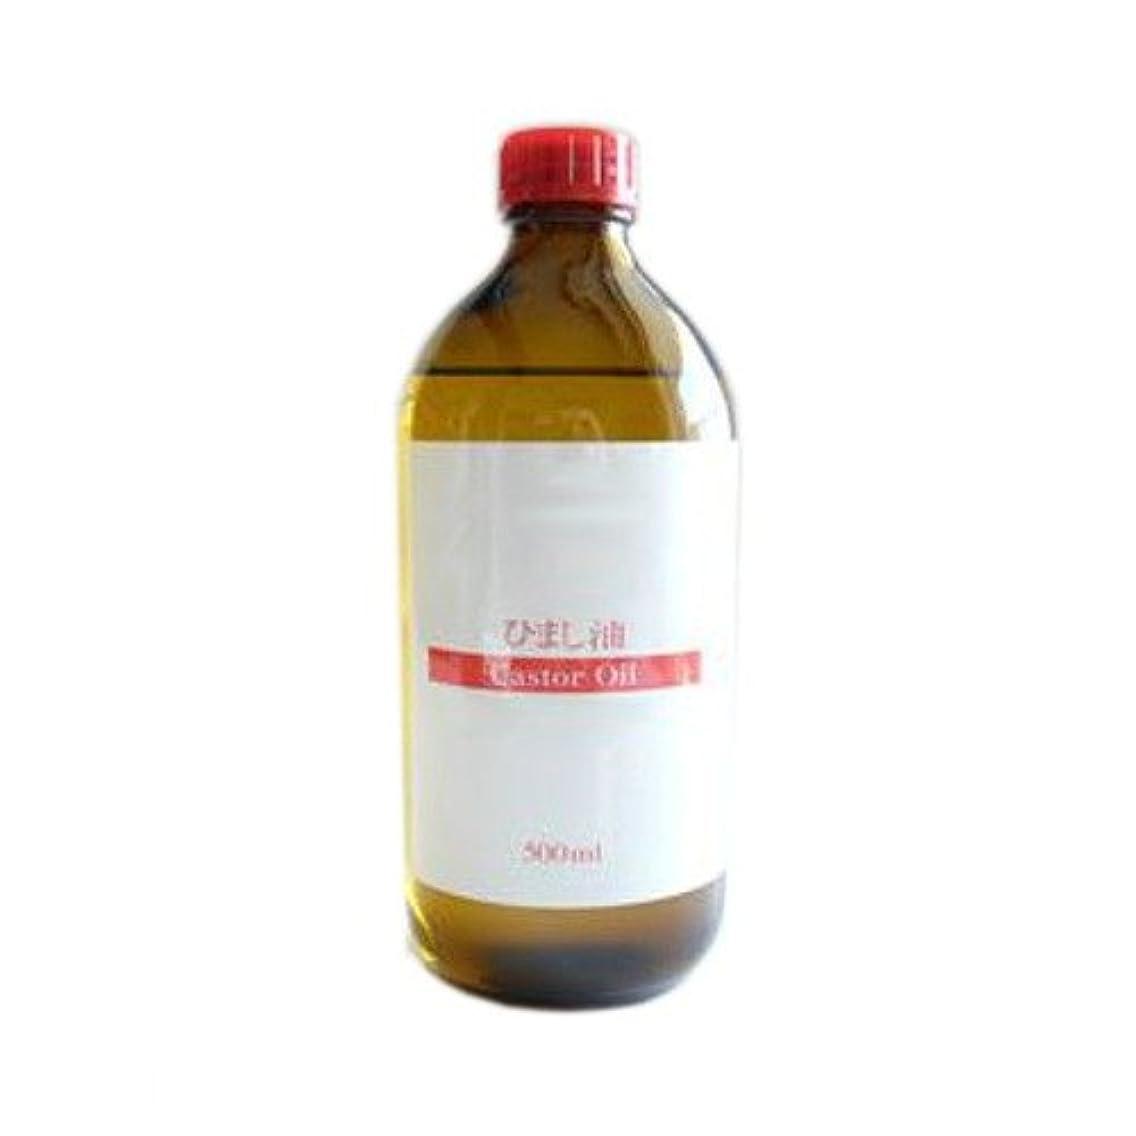 あいさつに変わる運命的なひまし油 (キャスターオイル) 500ml